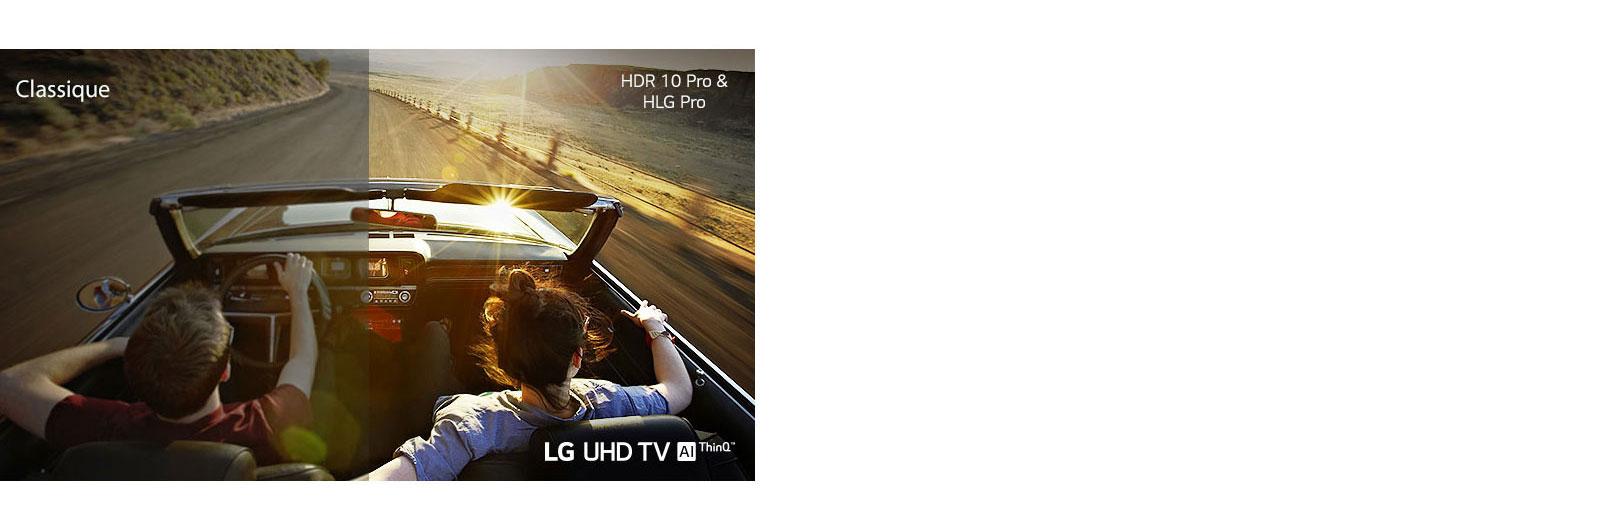 Un couple dans une voiture qui roule sur une route. La moitié est montrée sur un écran traditionnel avec une mauvaise qualité d'image. L'autre moitié est montrée avec sur un téléviseur UHD de LG avec une qualité d'image nette et éclatante.